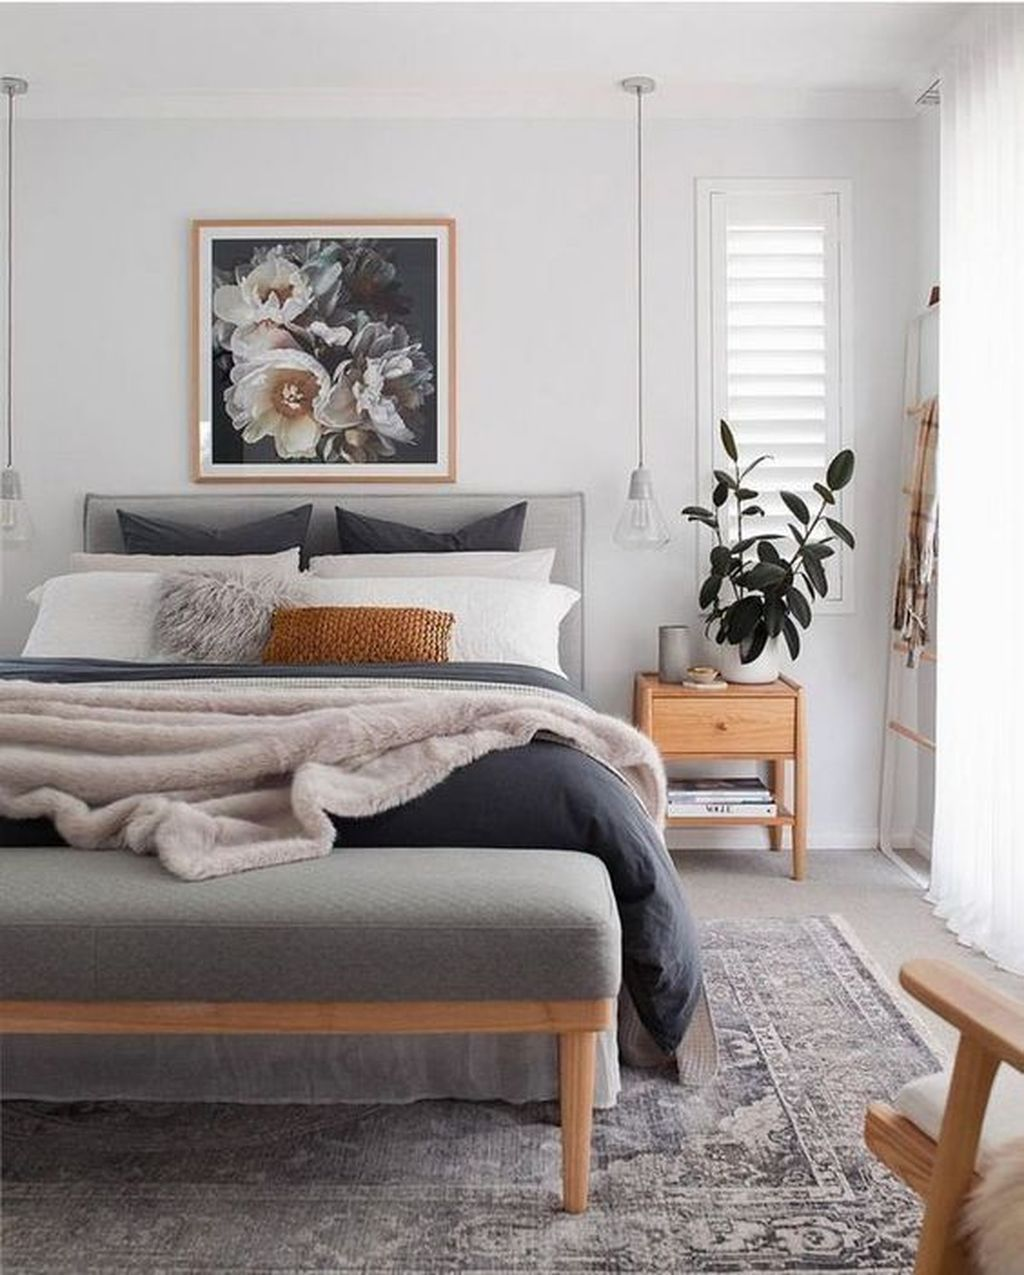 40 Clean Scandinavian Bedroom Design Bedroom Interior Master Bedrooms Decor Home Decor Bedroom Scandinavian bedroom decor ideas